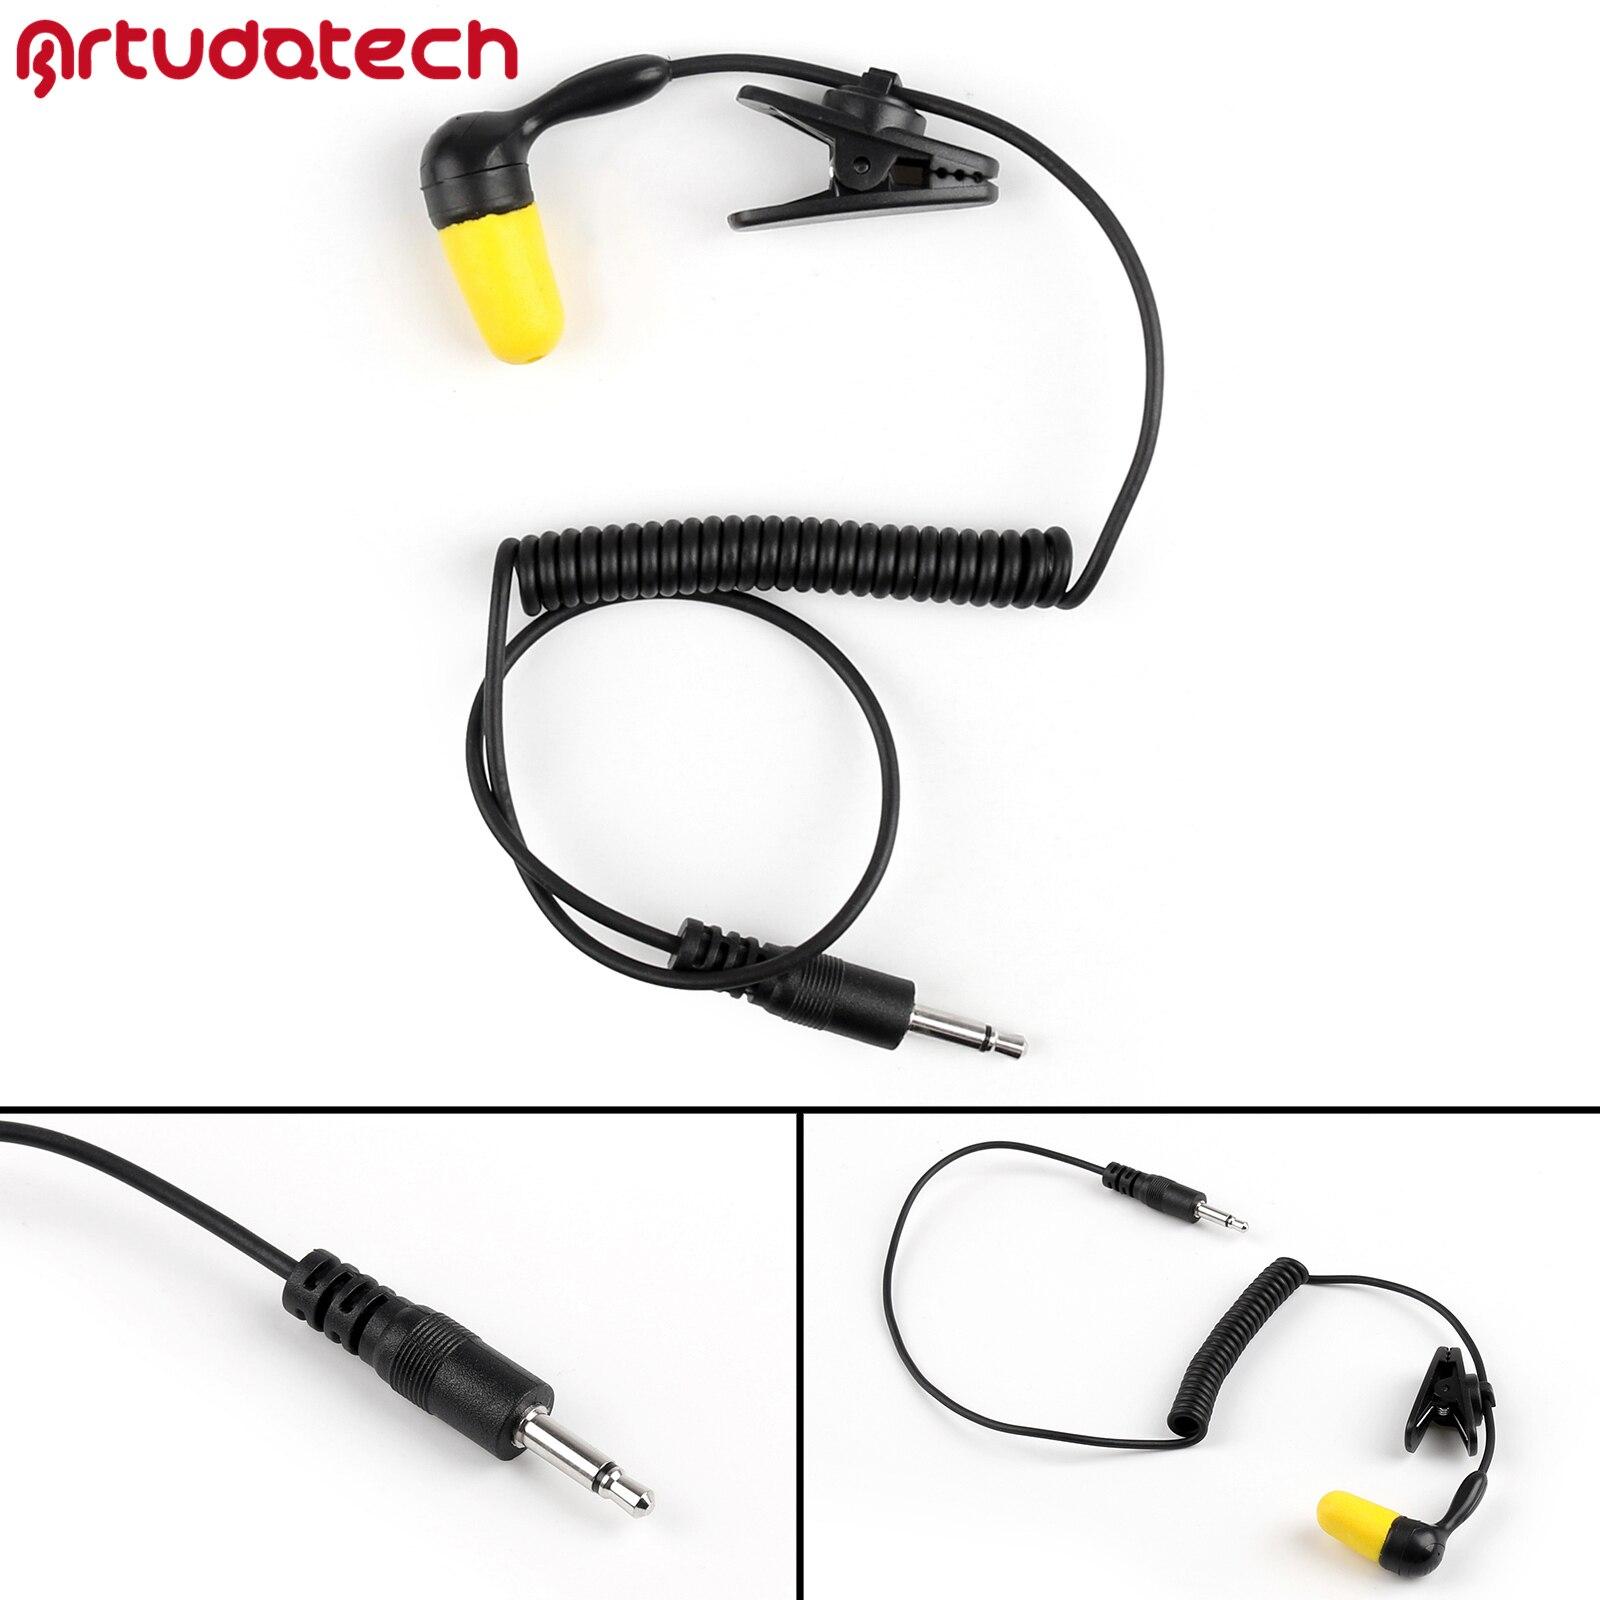 Artudatech 1Pcs 3.5mm Single Foam Slow Rebound Earbud Headset For 2-Way Radio MP3 MP4